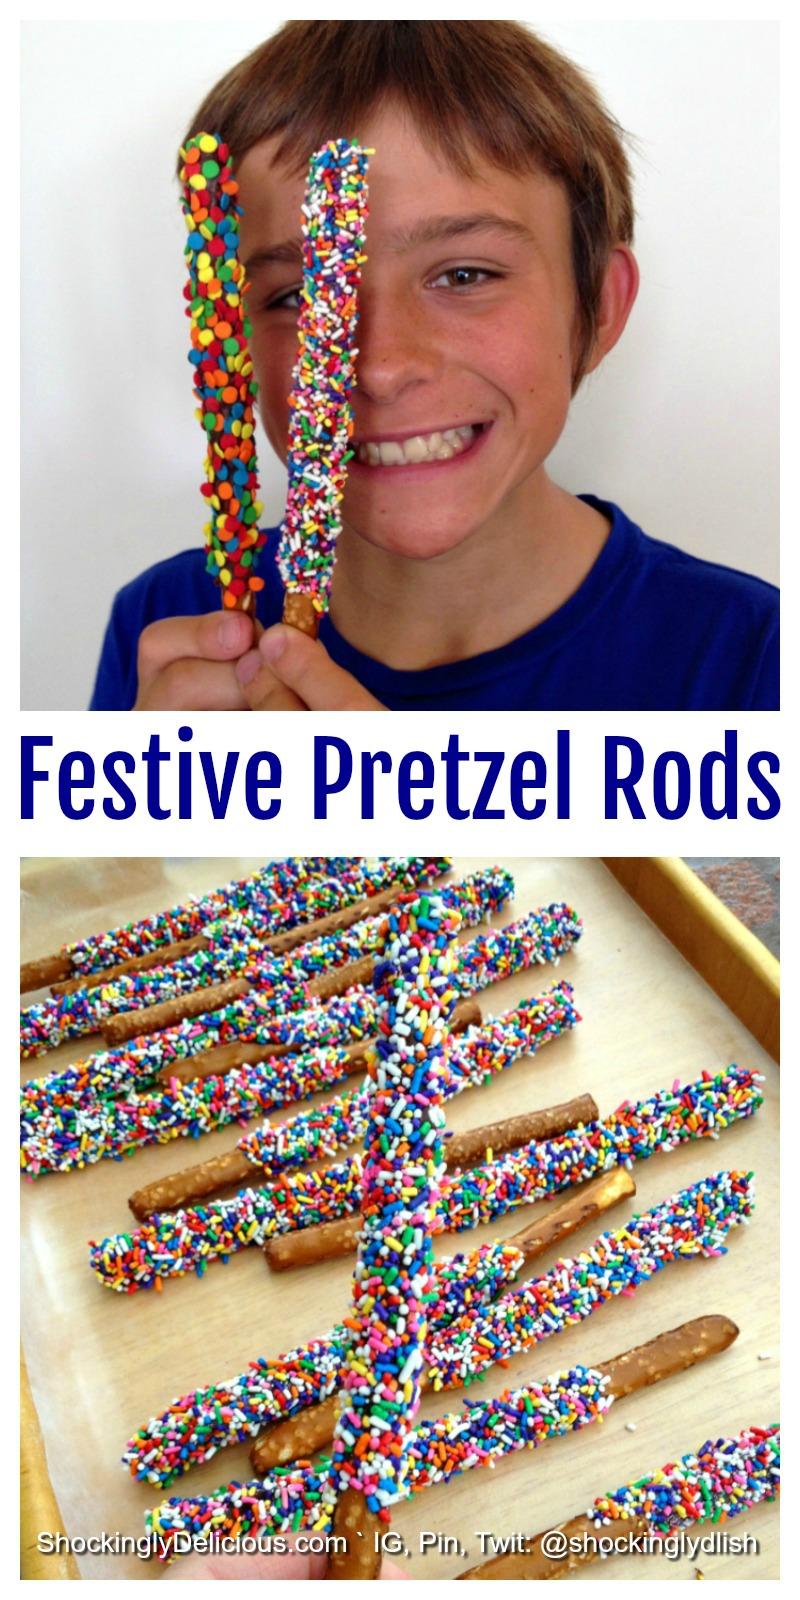 Festive Pretzel Rods Recipe on ShockinglyDelicious.com